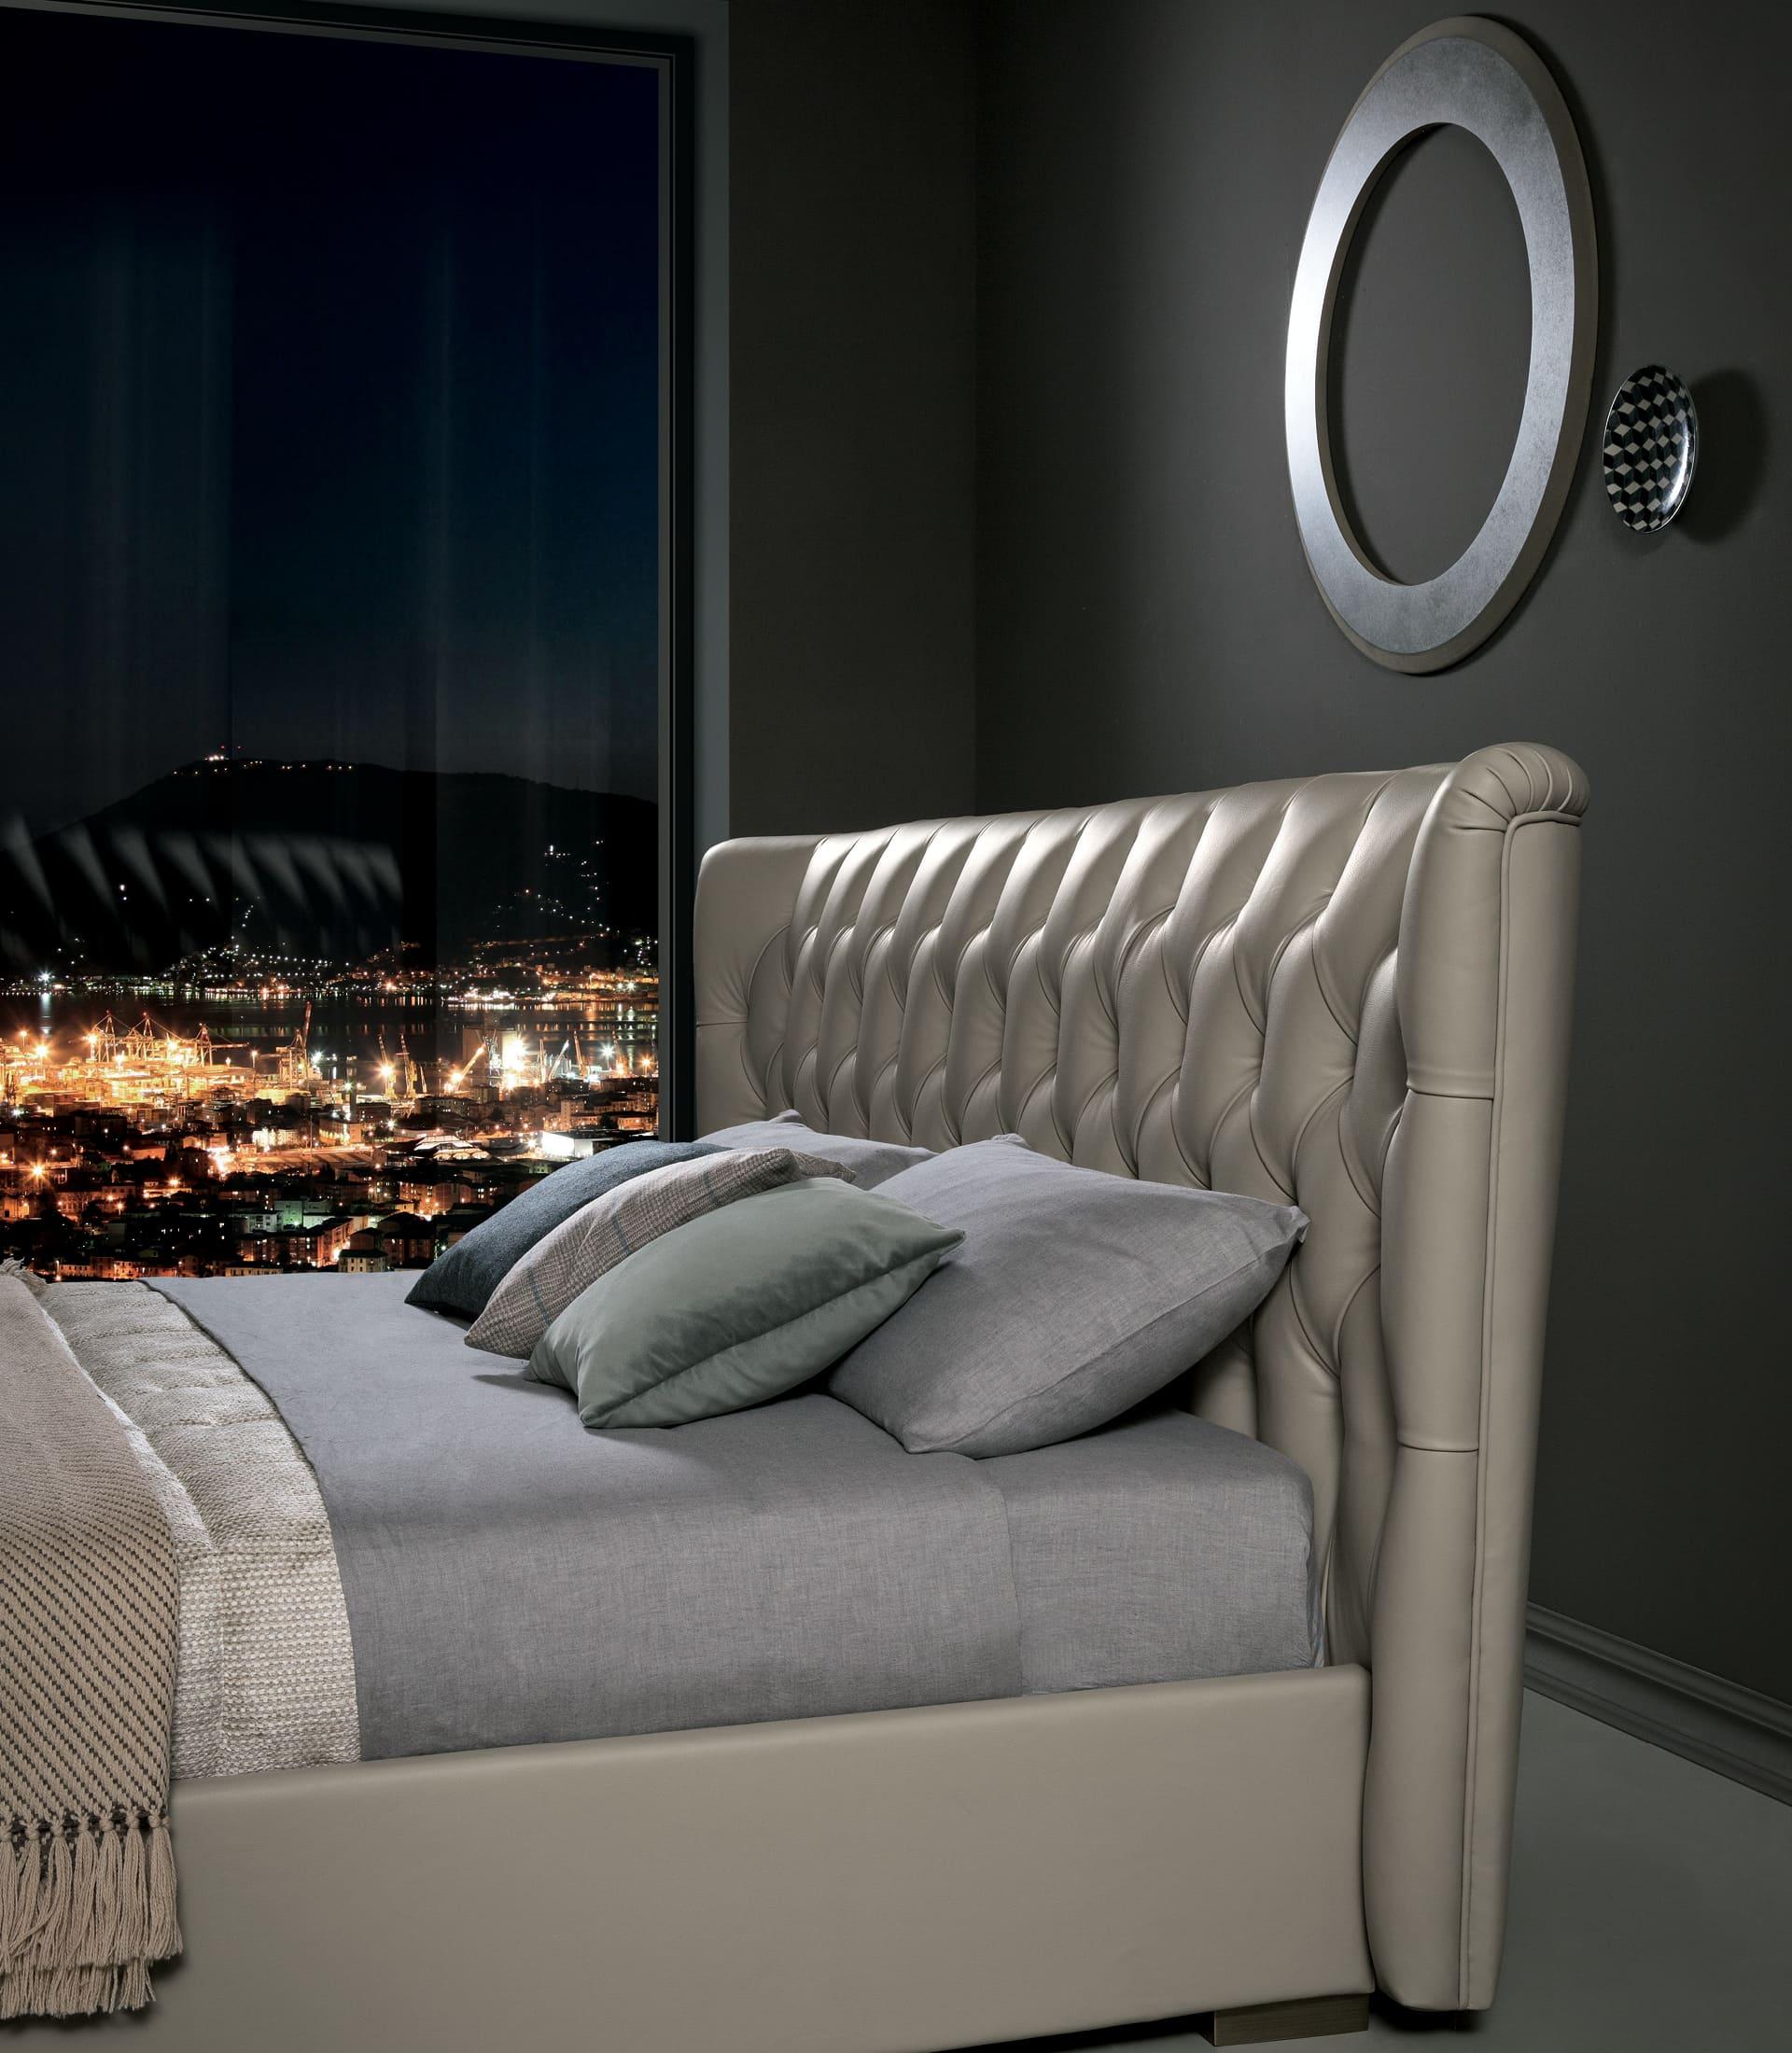 Bodema (RU) Кровать Violet от итальянского производителя Bodema